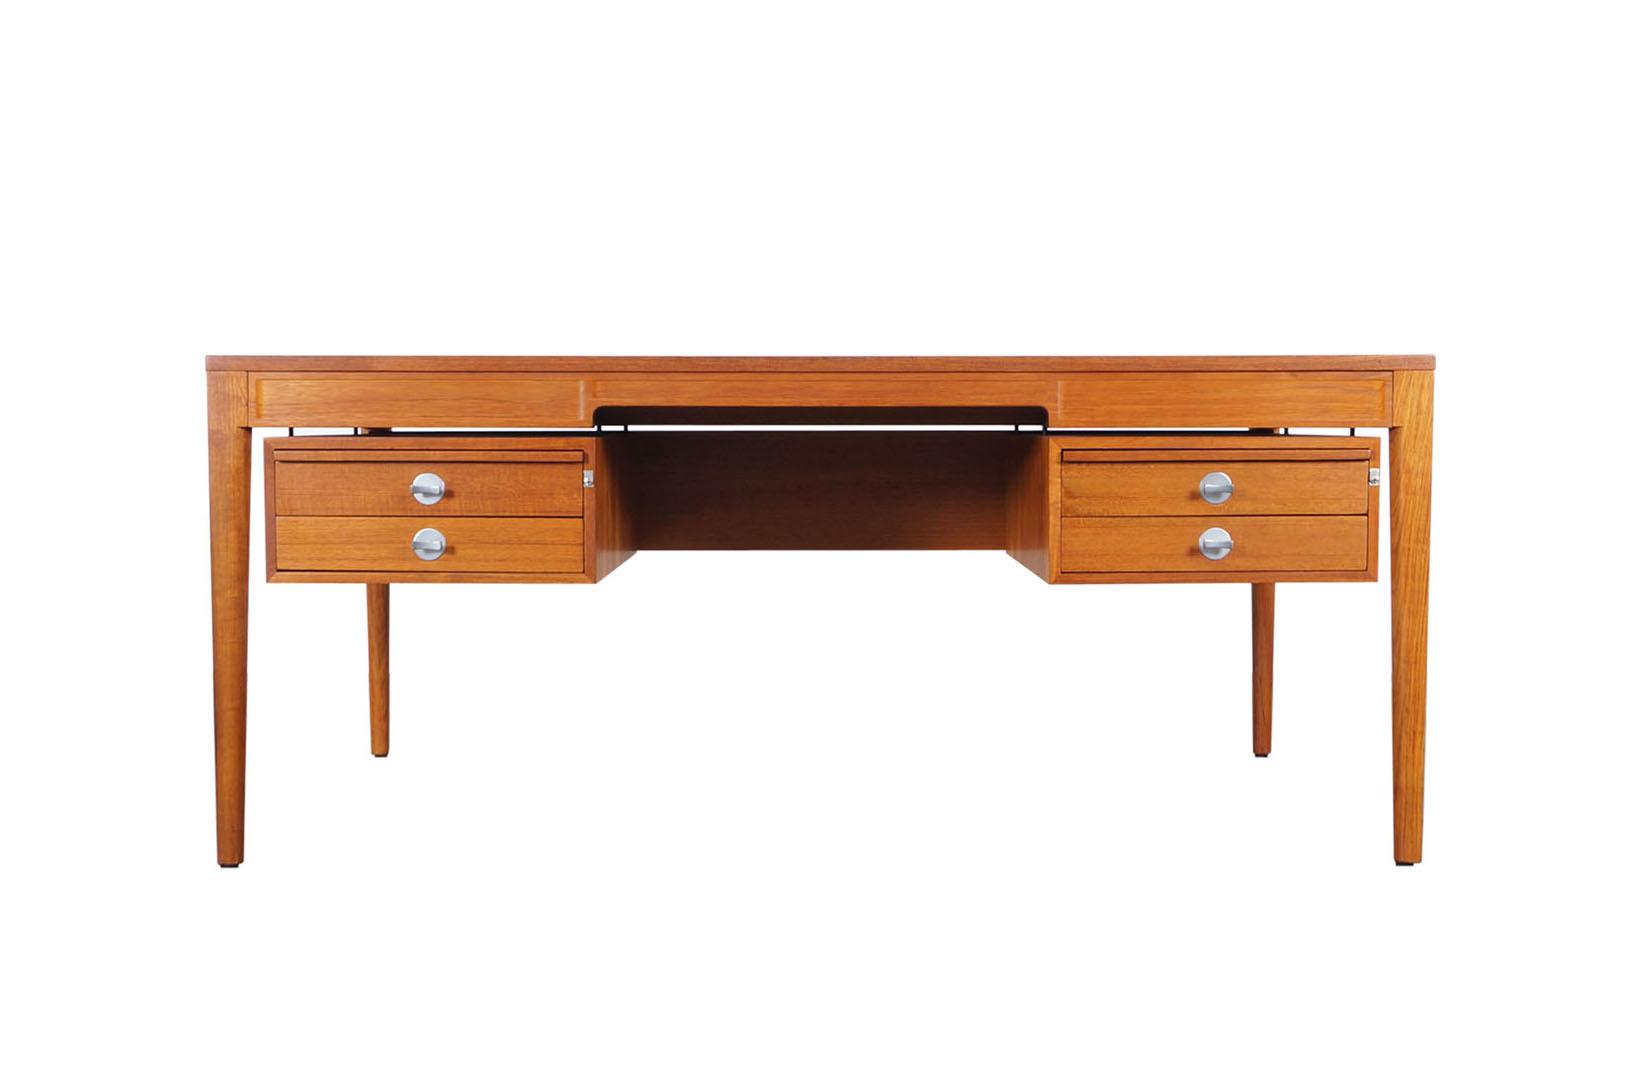 Danish Teak Diplomat Desk by Finn Juhl